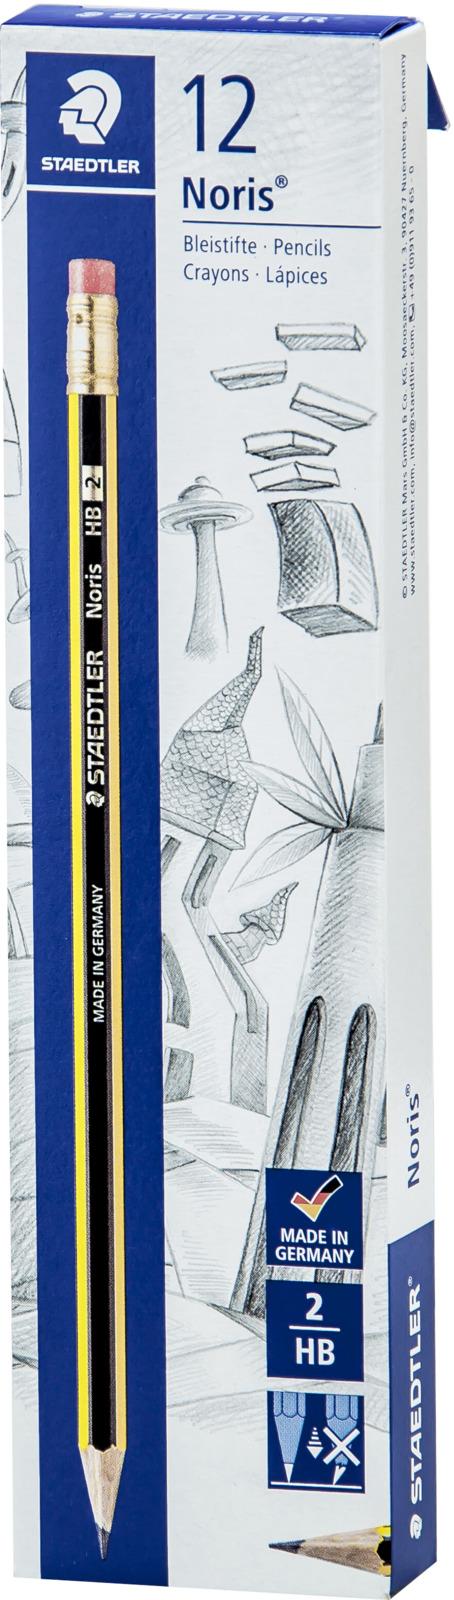 Набор чернографитовых карандашей Staedtler Noris 122 НВ, с ластиком, 12 шт карандаши чернографитные noris hb 2 шт ластик 52650 точилка 511004 блист упак staedtler